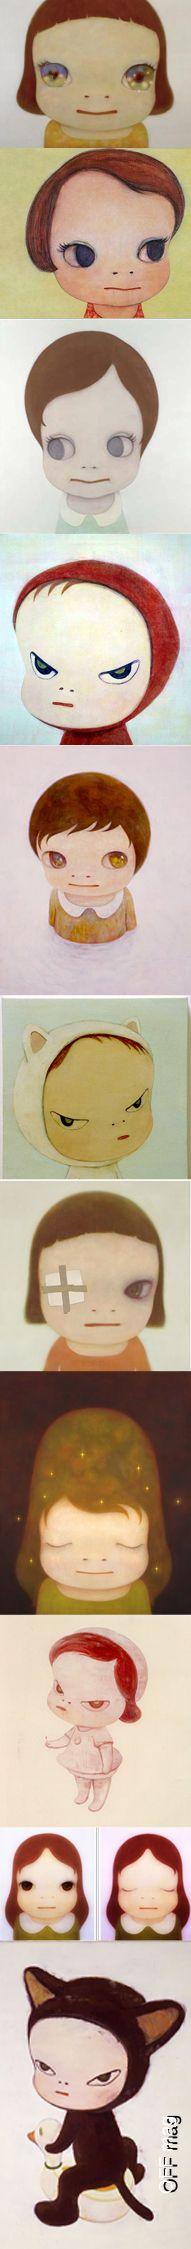 yoshitomo nara __________    http://offmag.blogspot.com.es/2012/02/yoshitomo-nara.html